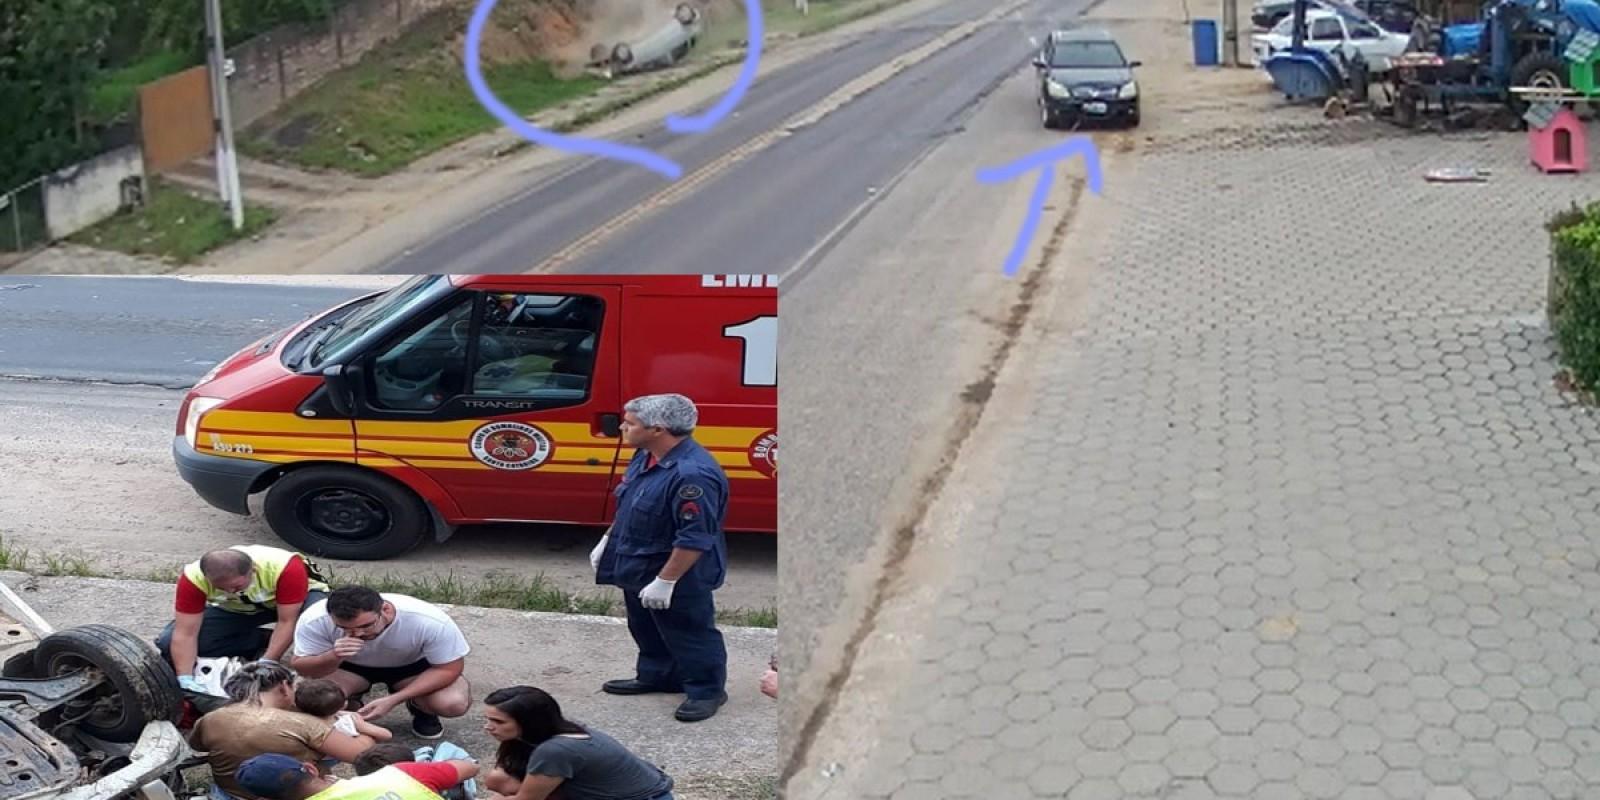 Vereador de Armazém causa acidente e deixa crianças feridas em Gravatal